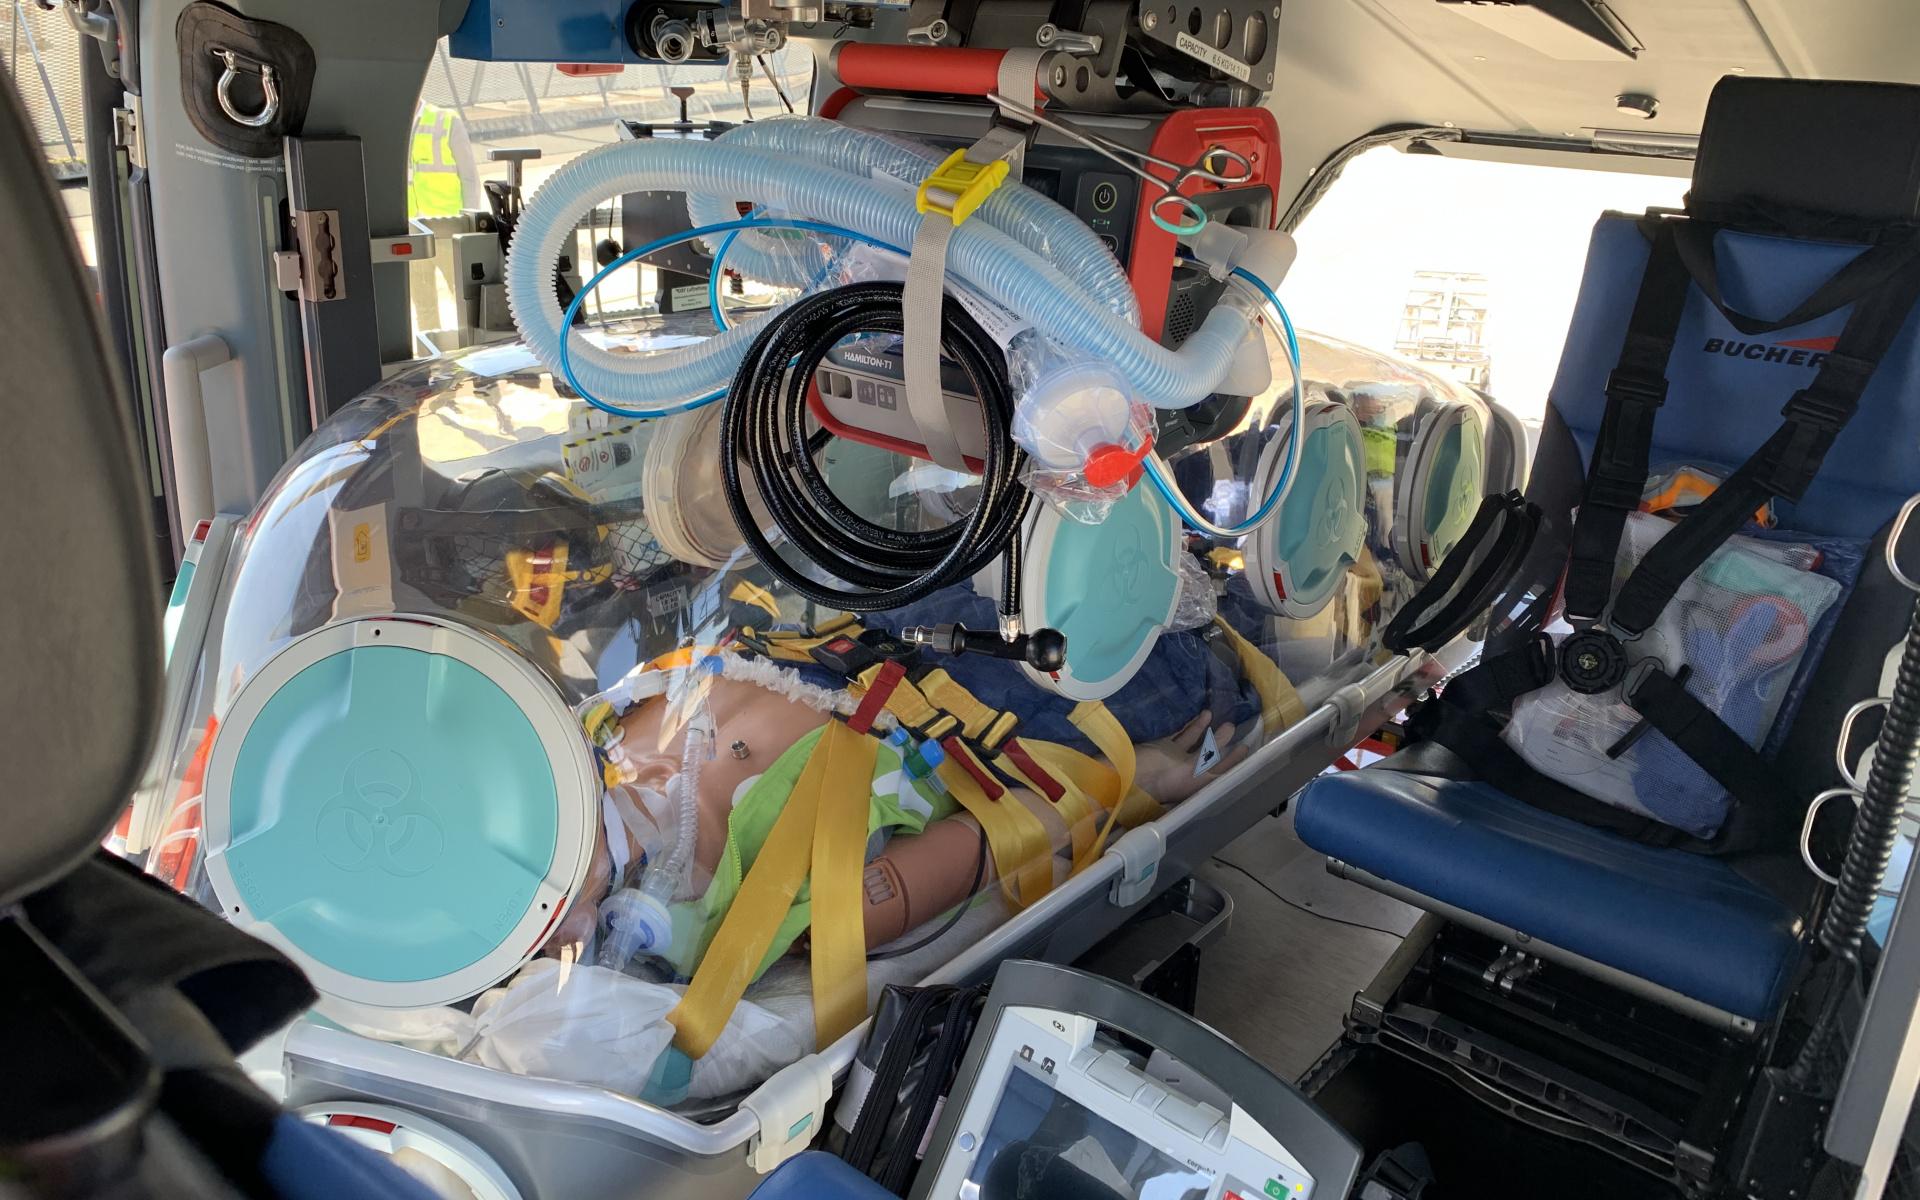 Die Patienten können über luftdichte Zugänge an ein Intensivbeatmungsgerät angeschlossen sowie zeitgleich überwacht und behandelt werden.